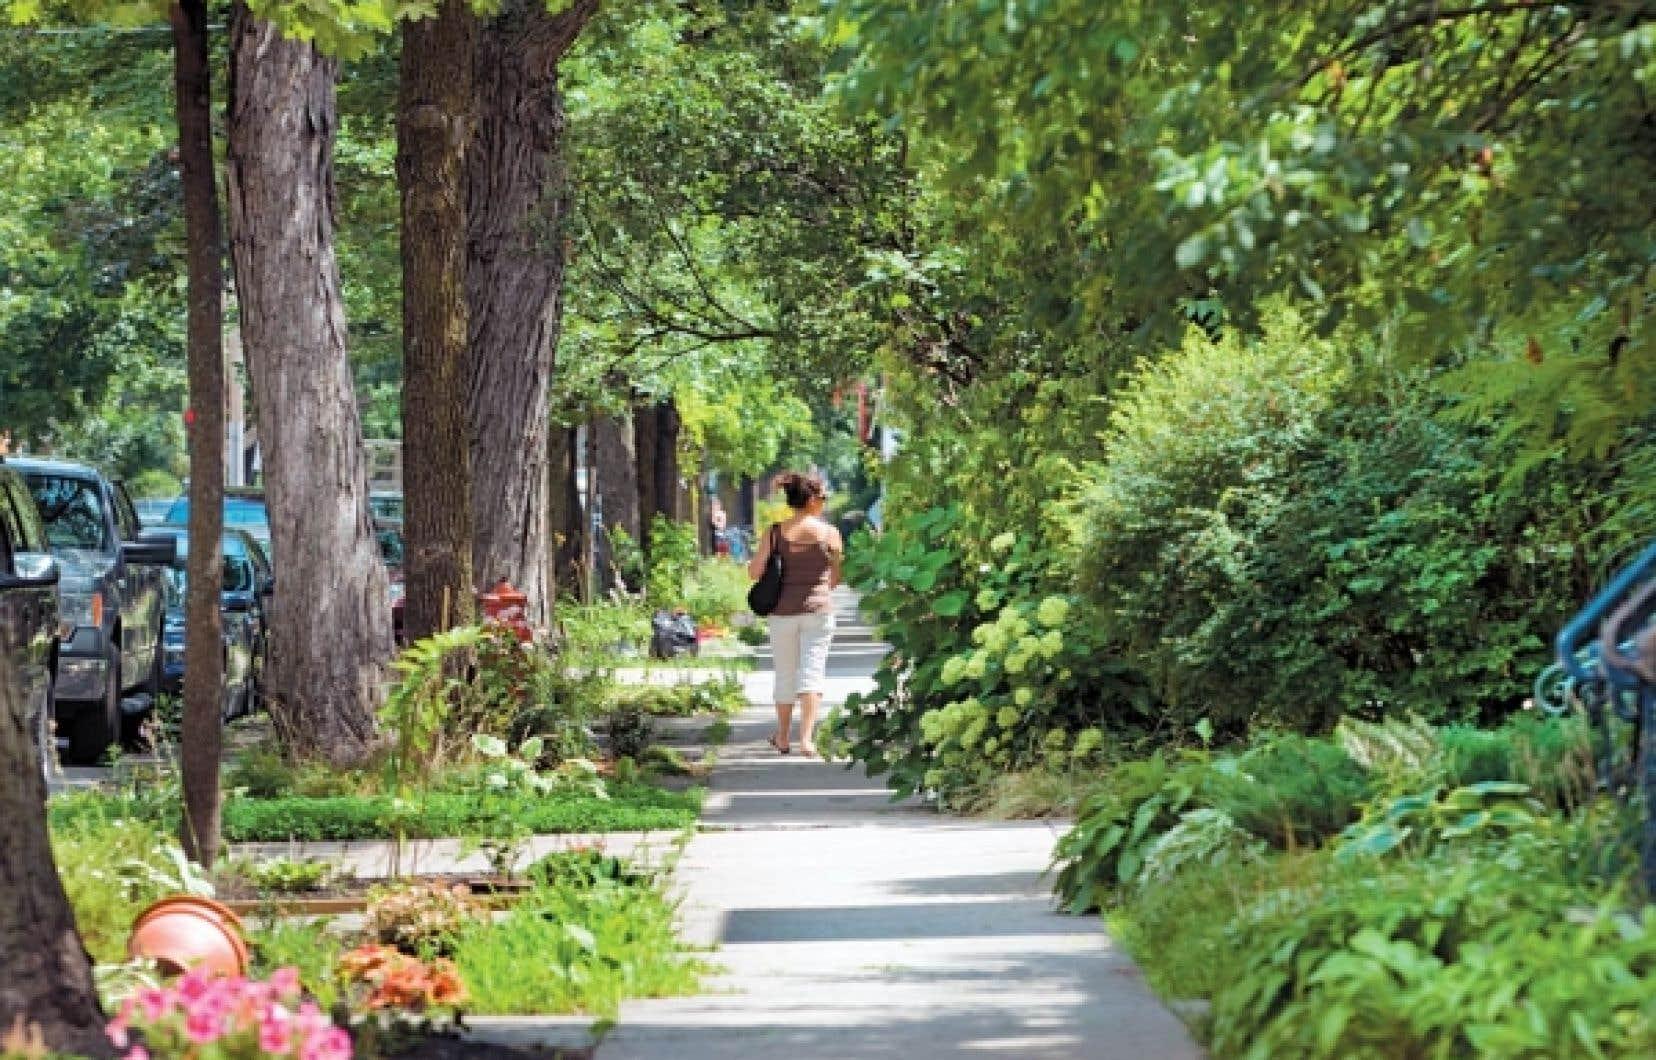 La biodiversit&eacute; montr&eacute;alaise n&rsquo;est pas que l&rsquo;affaire du mont Royal et autres parcs-nature. Les rues de la m&eacute;tropole en plein &eacute;t&eacute; en sont de bons exemples.<br />